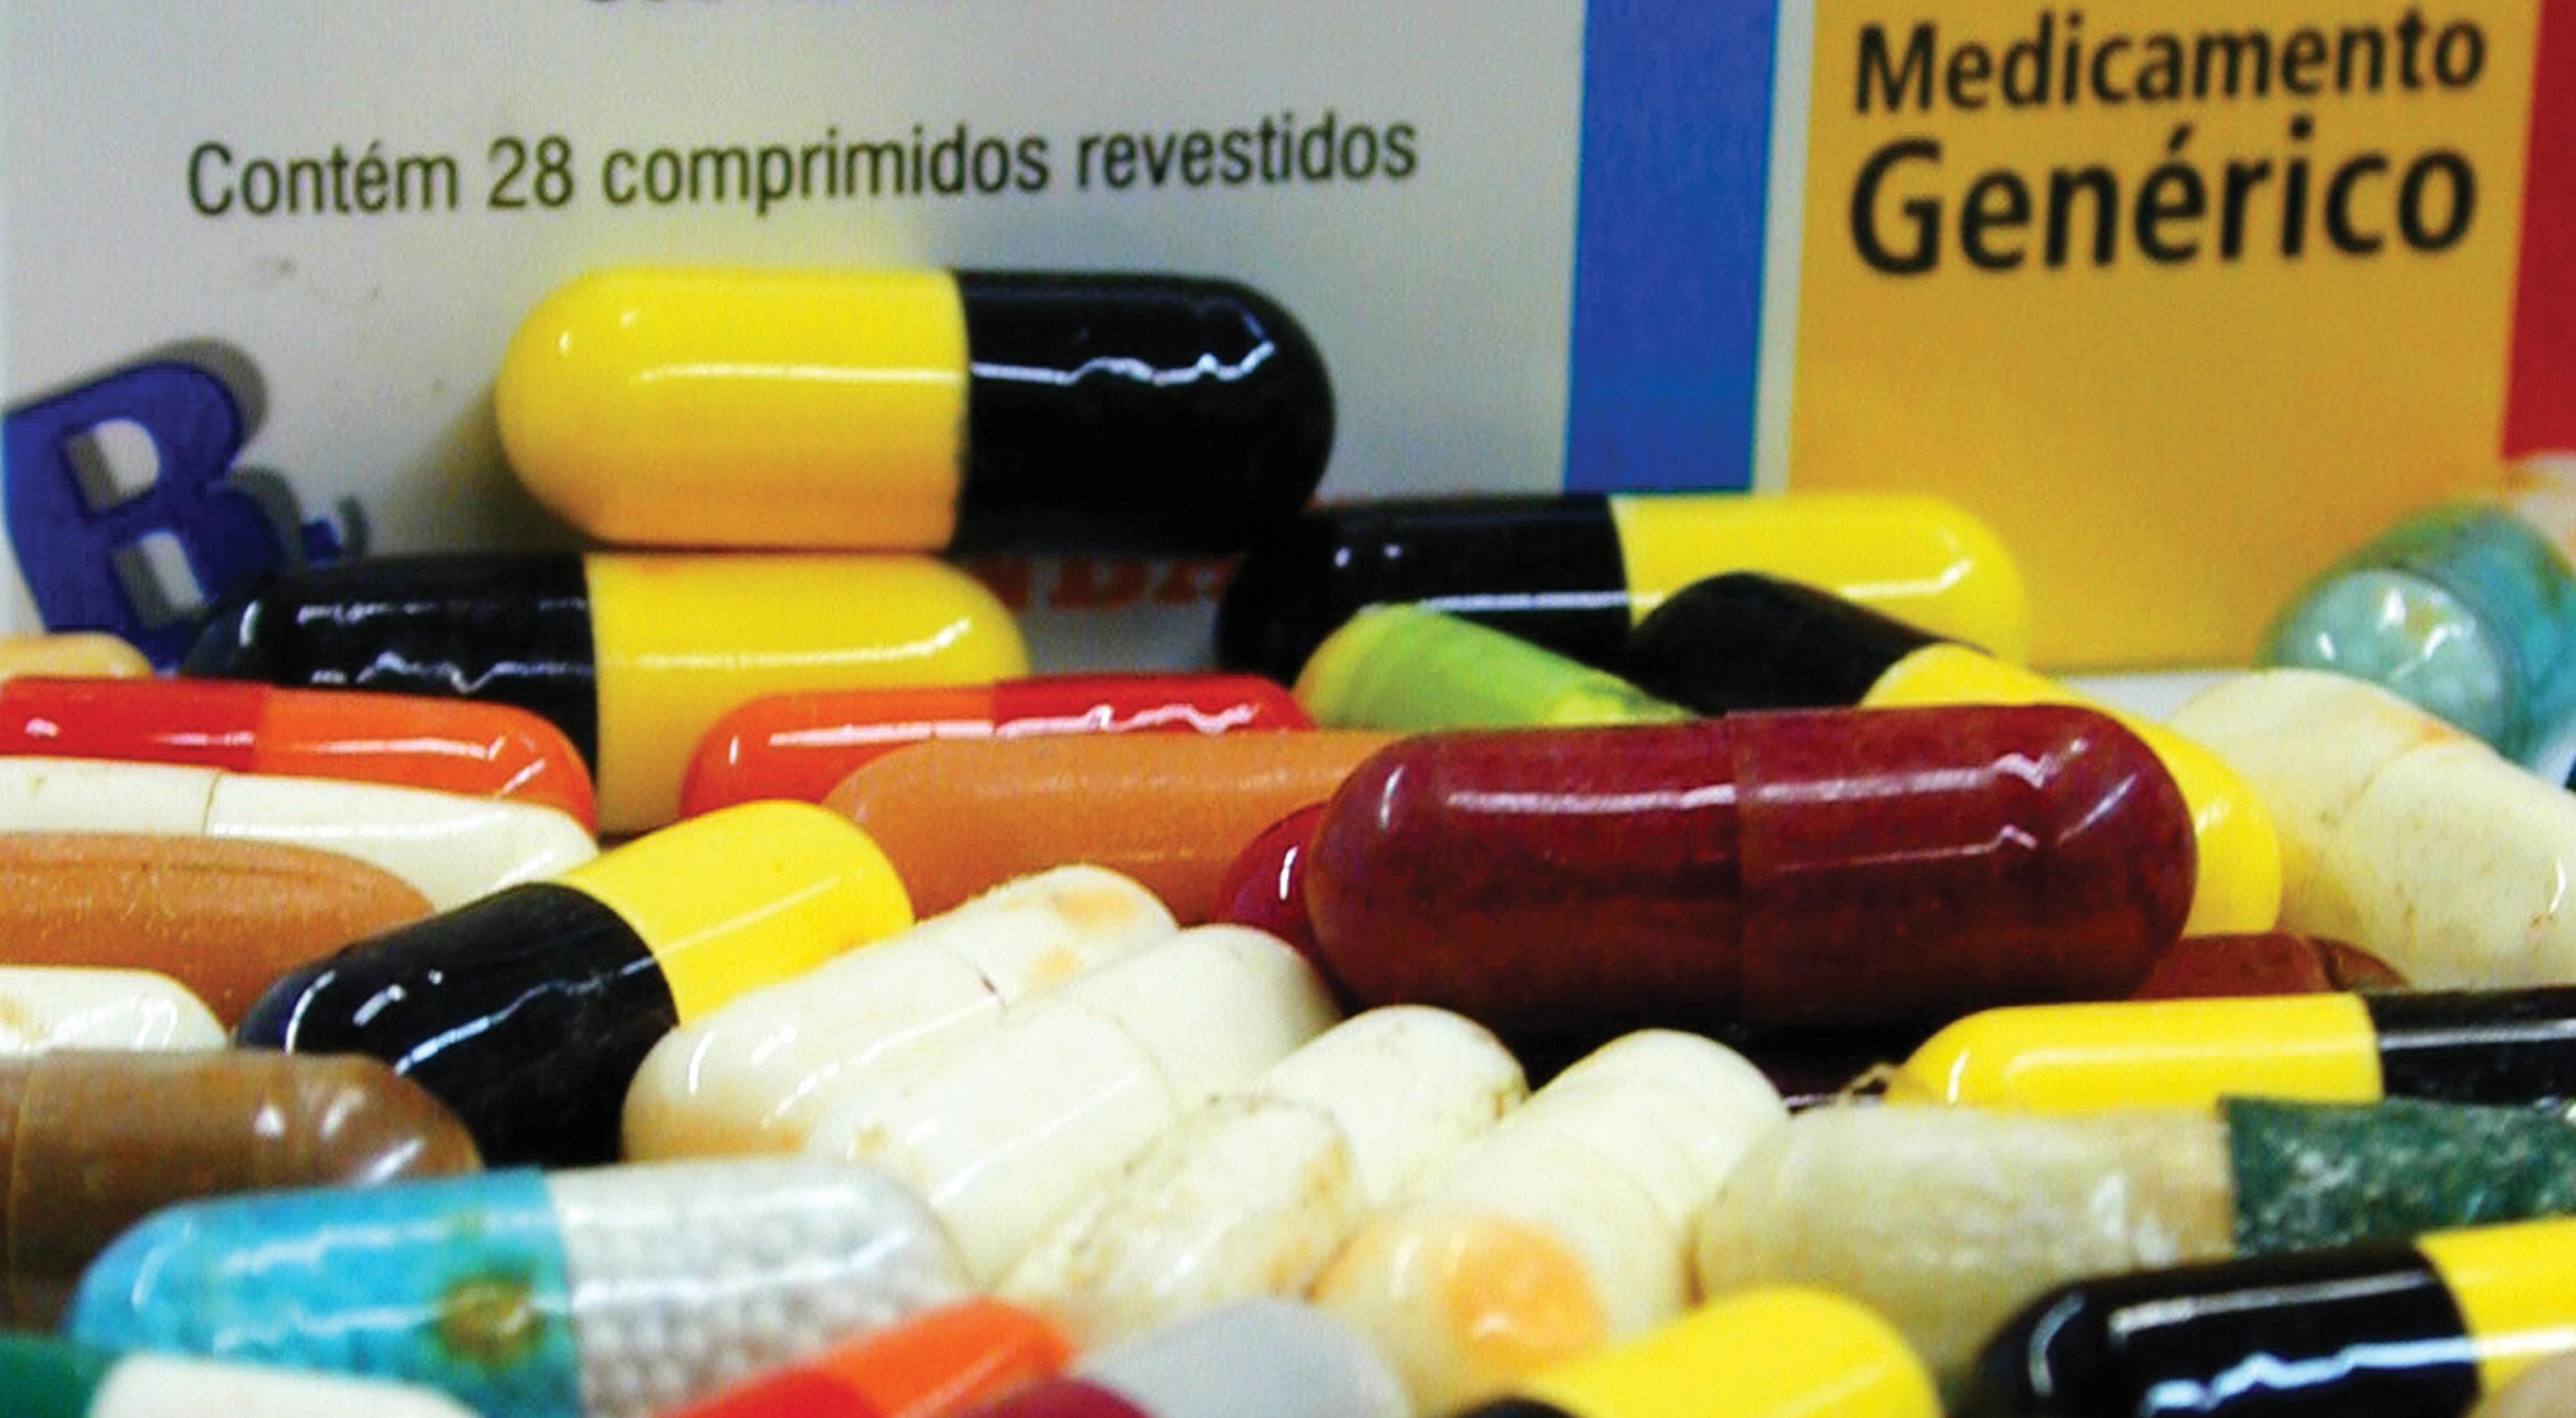 Atualização em Farmacocinética Básica para Profissionais da Área de Saúde